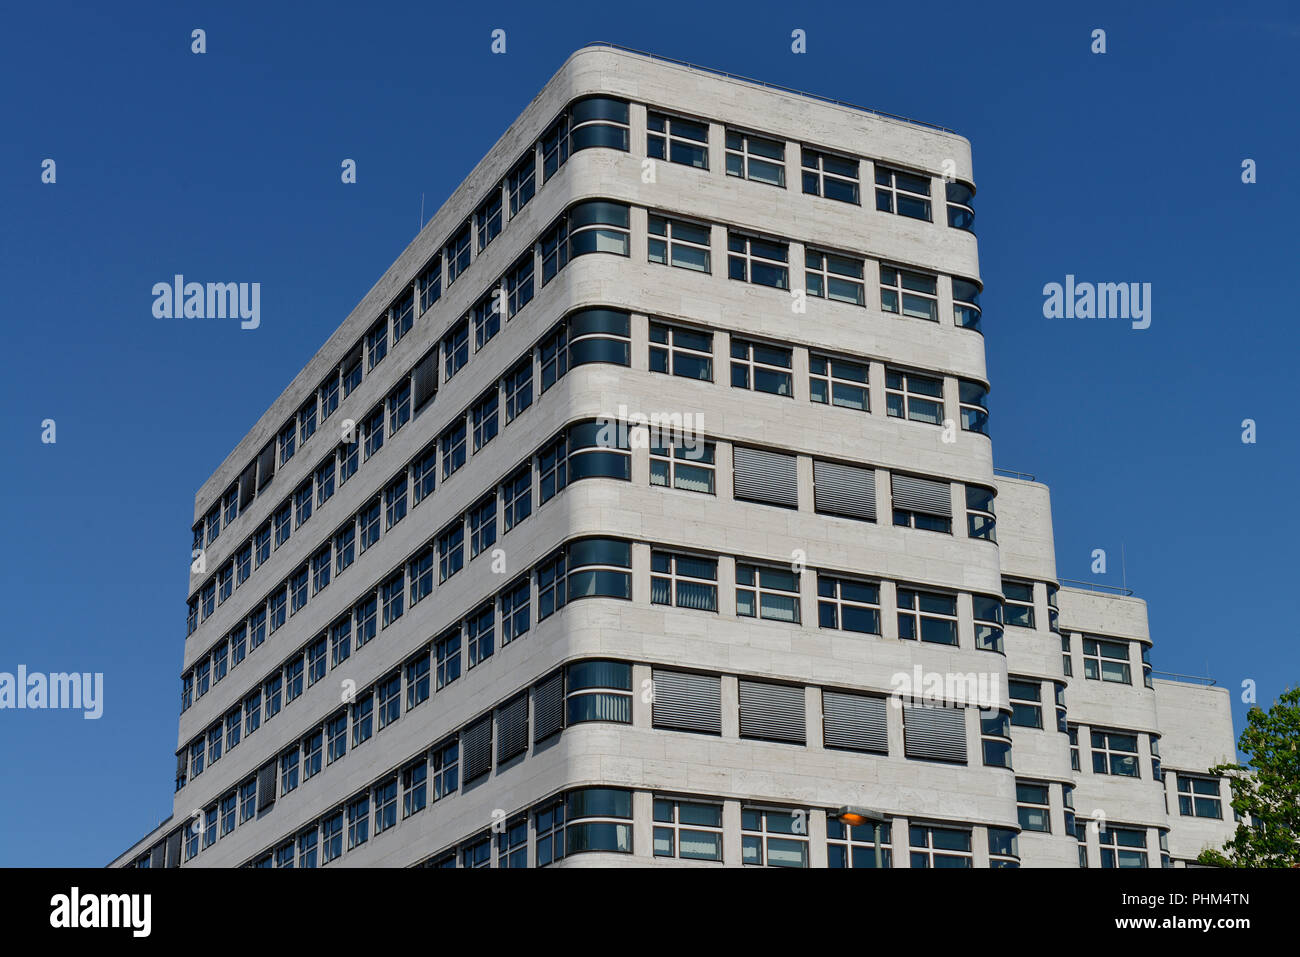 Shell-Haus, Reichpietschufer, Tiergarten. Mitte, Berlin, Deutschland - Stock Image